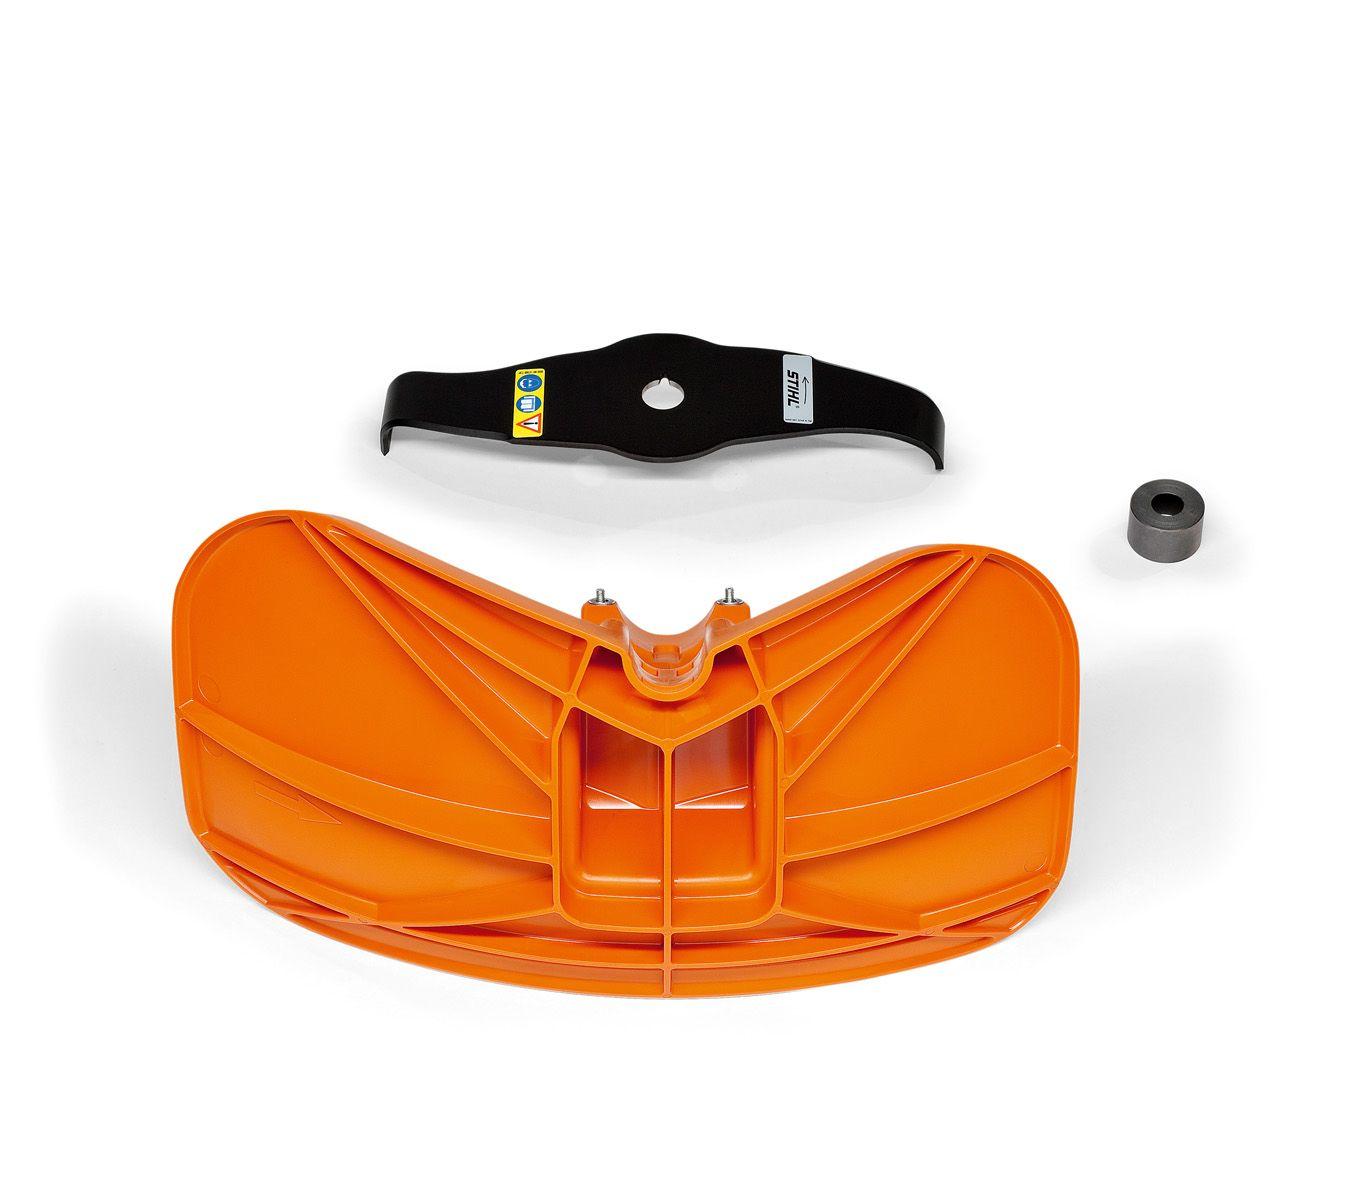 Stihl Shredder Blade Starter Kit